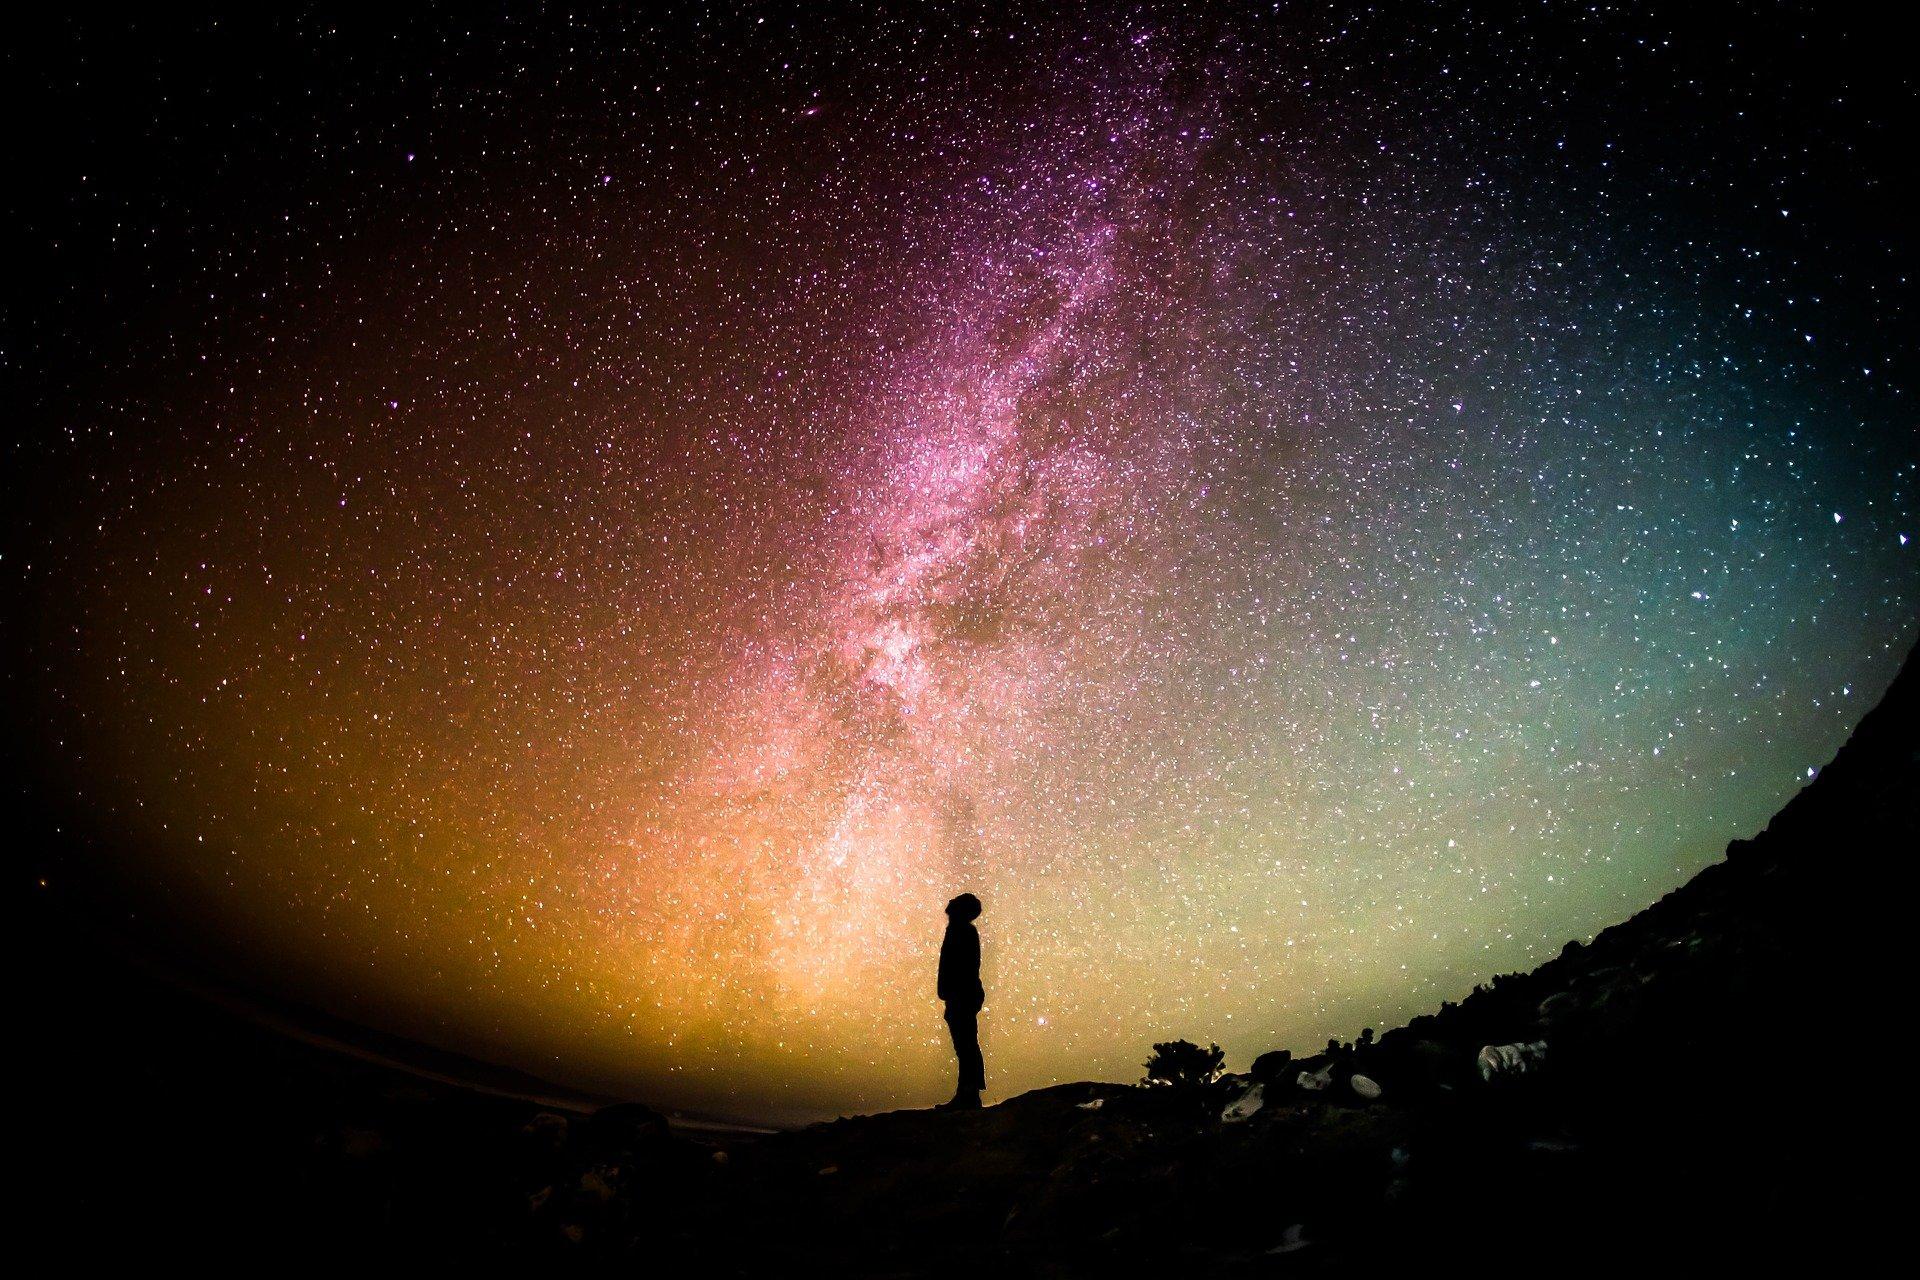 Les grandes dates fondatrices de l'Univers, de la Terre et de la Vie